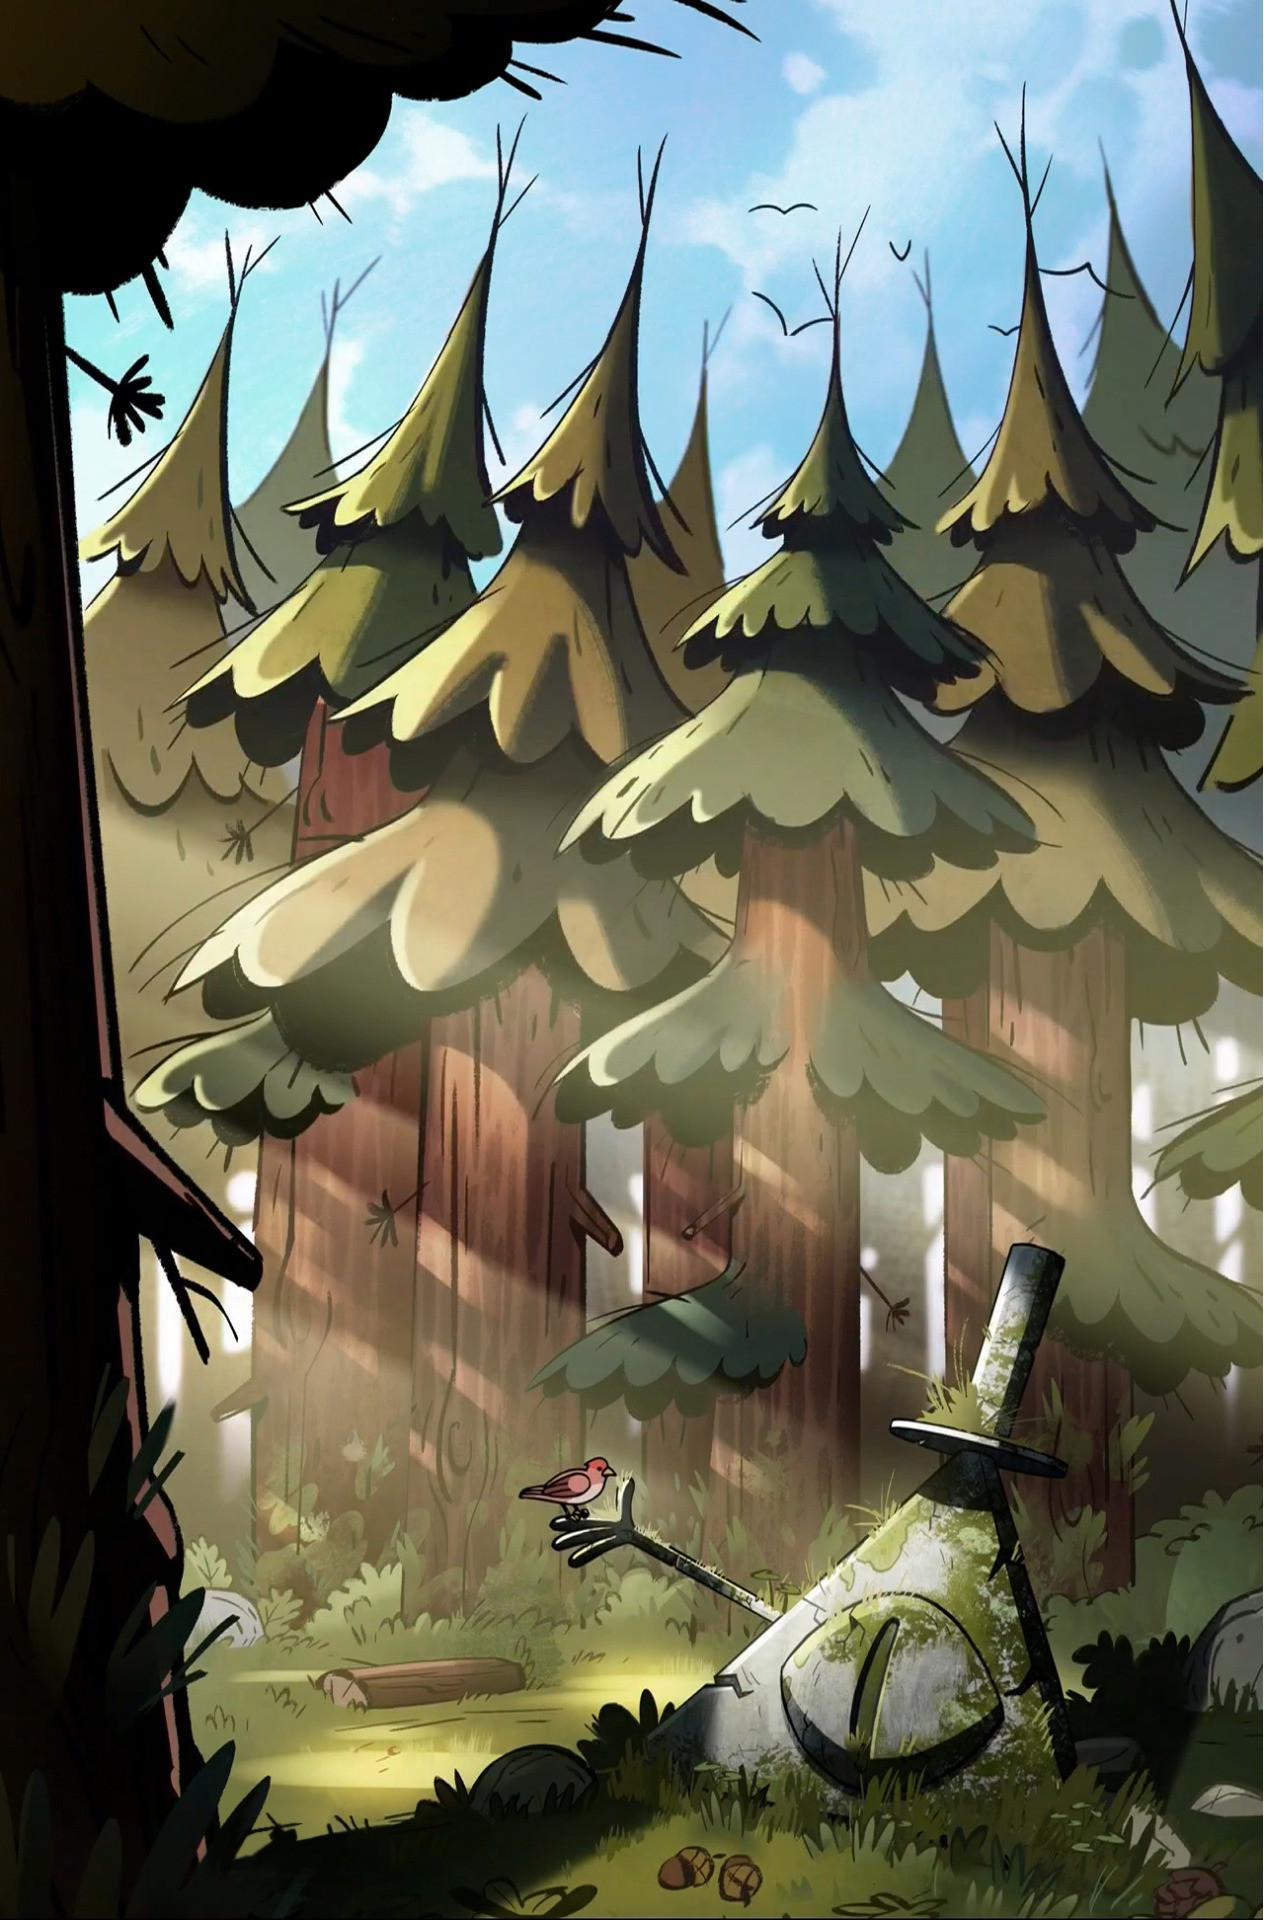 Gravity Falls Wallpapers Top Free Gravity Falls